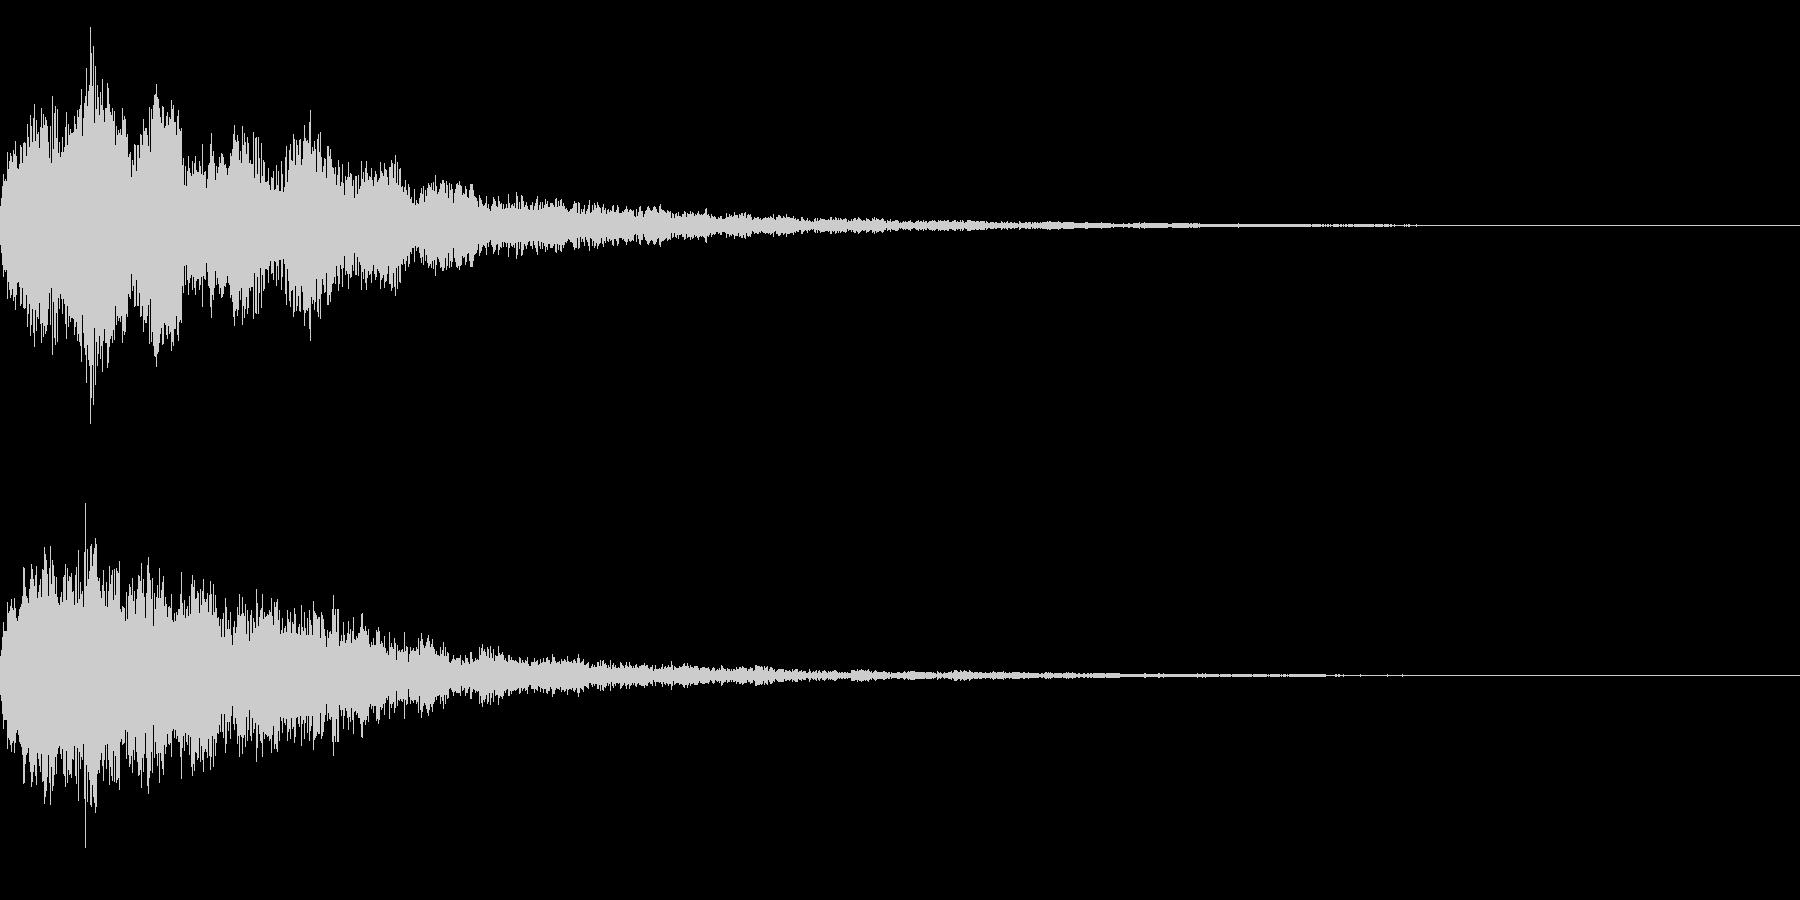 明るいテロップ音 ボタン音 決定音!03の未再生の波形